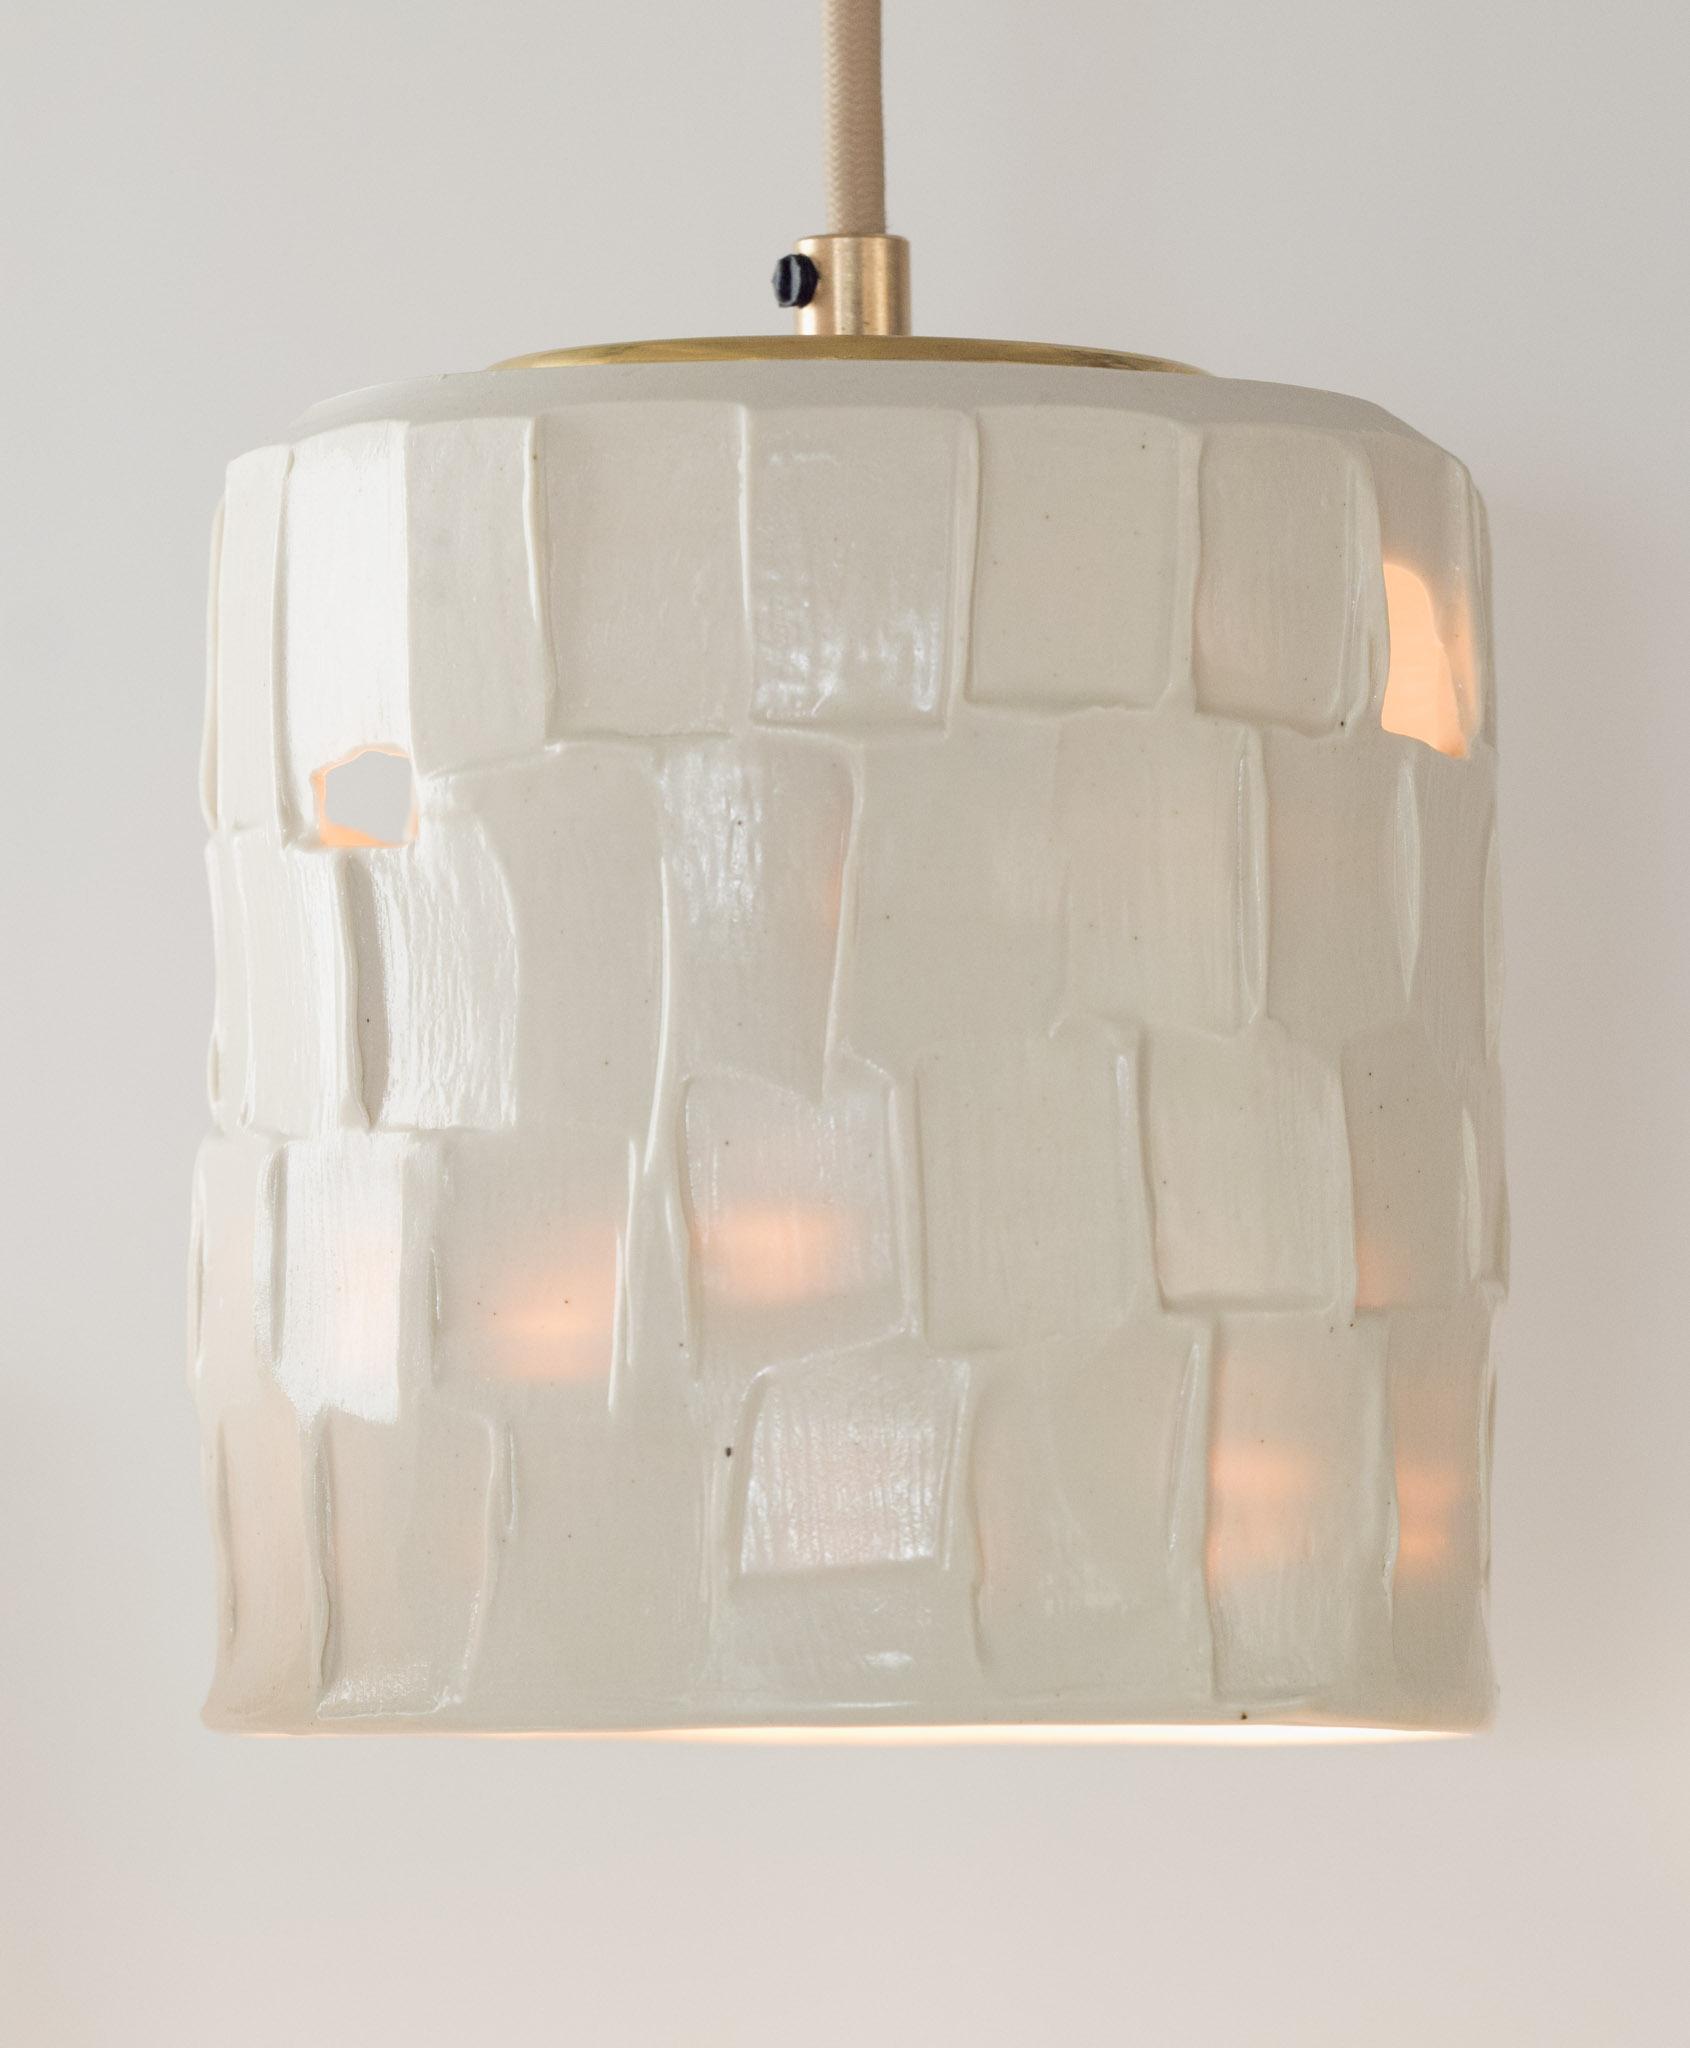 LAMPS_111616-104.jpg